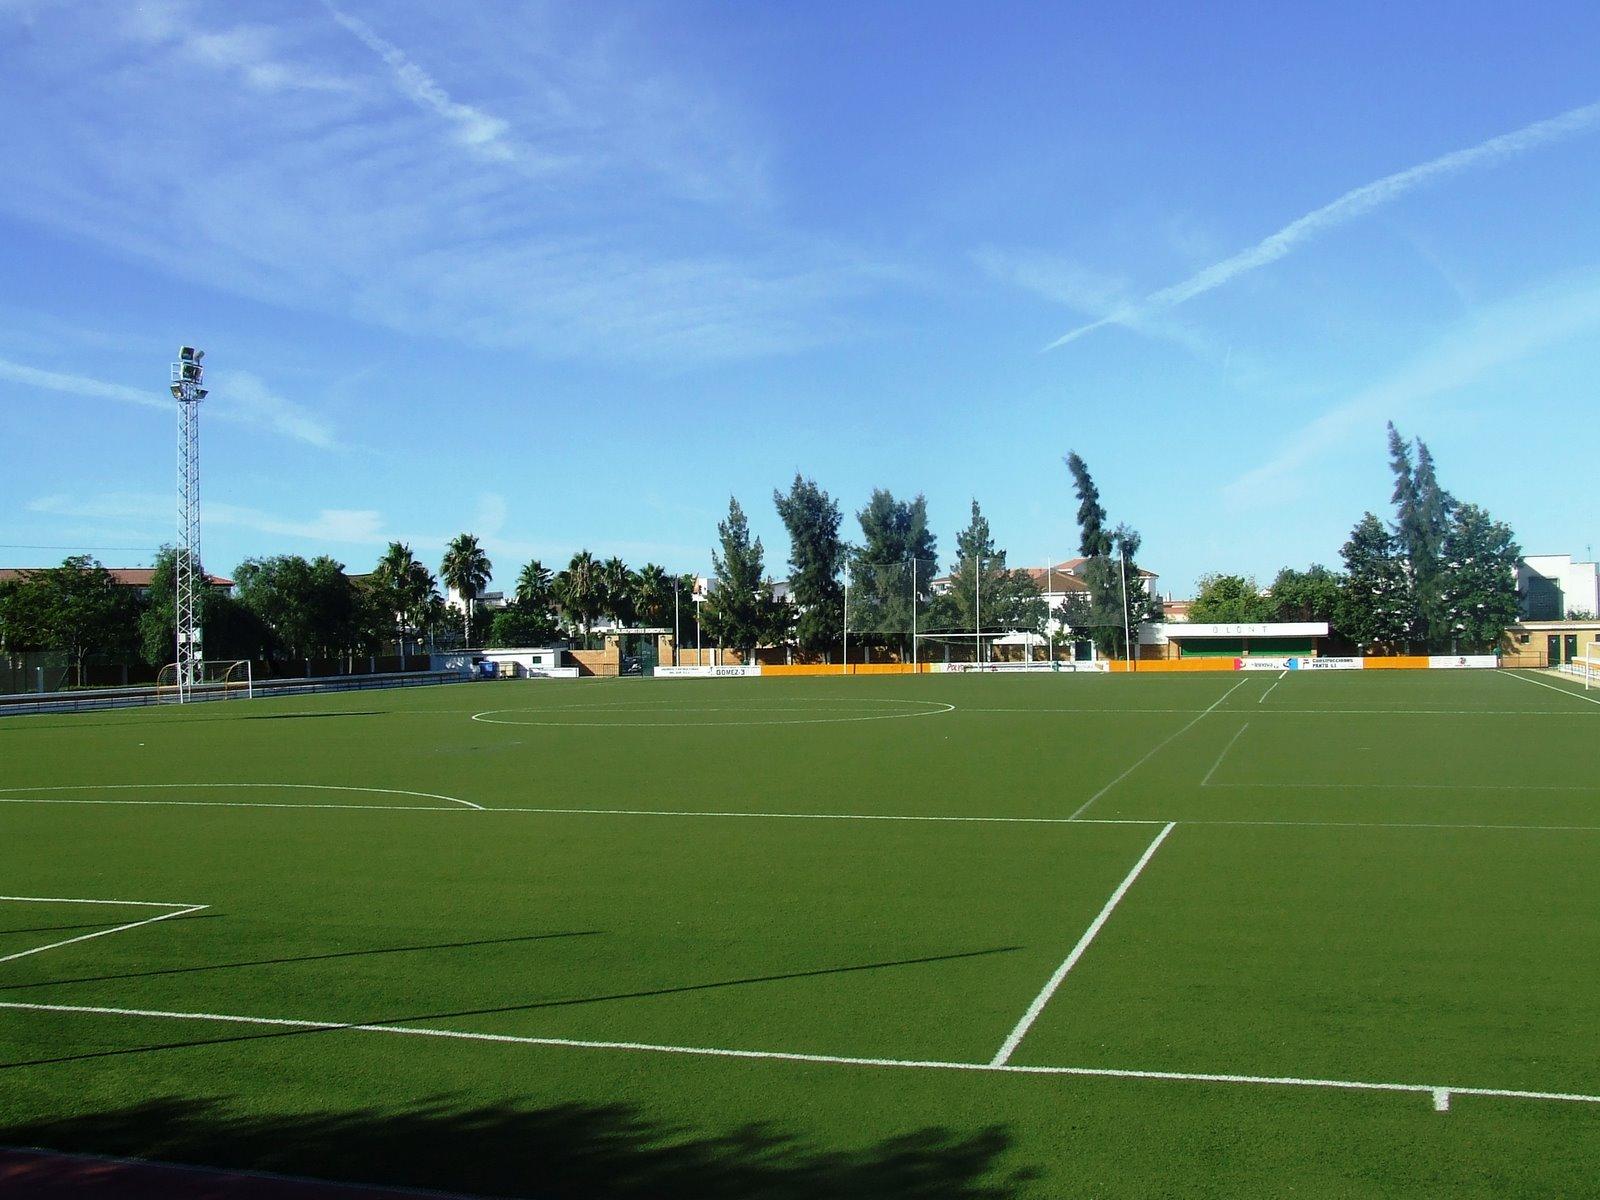 Pmd gibrale n horarios de las instalaciones deportivas for Piscina municipal san roque